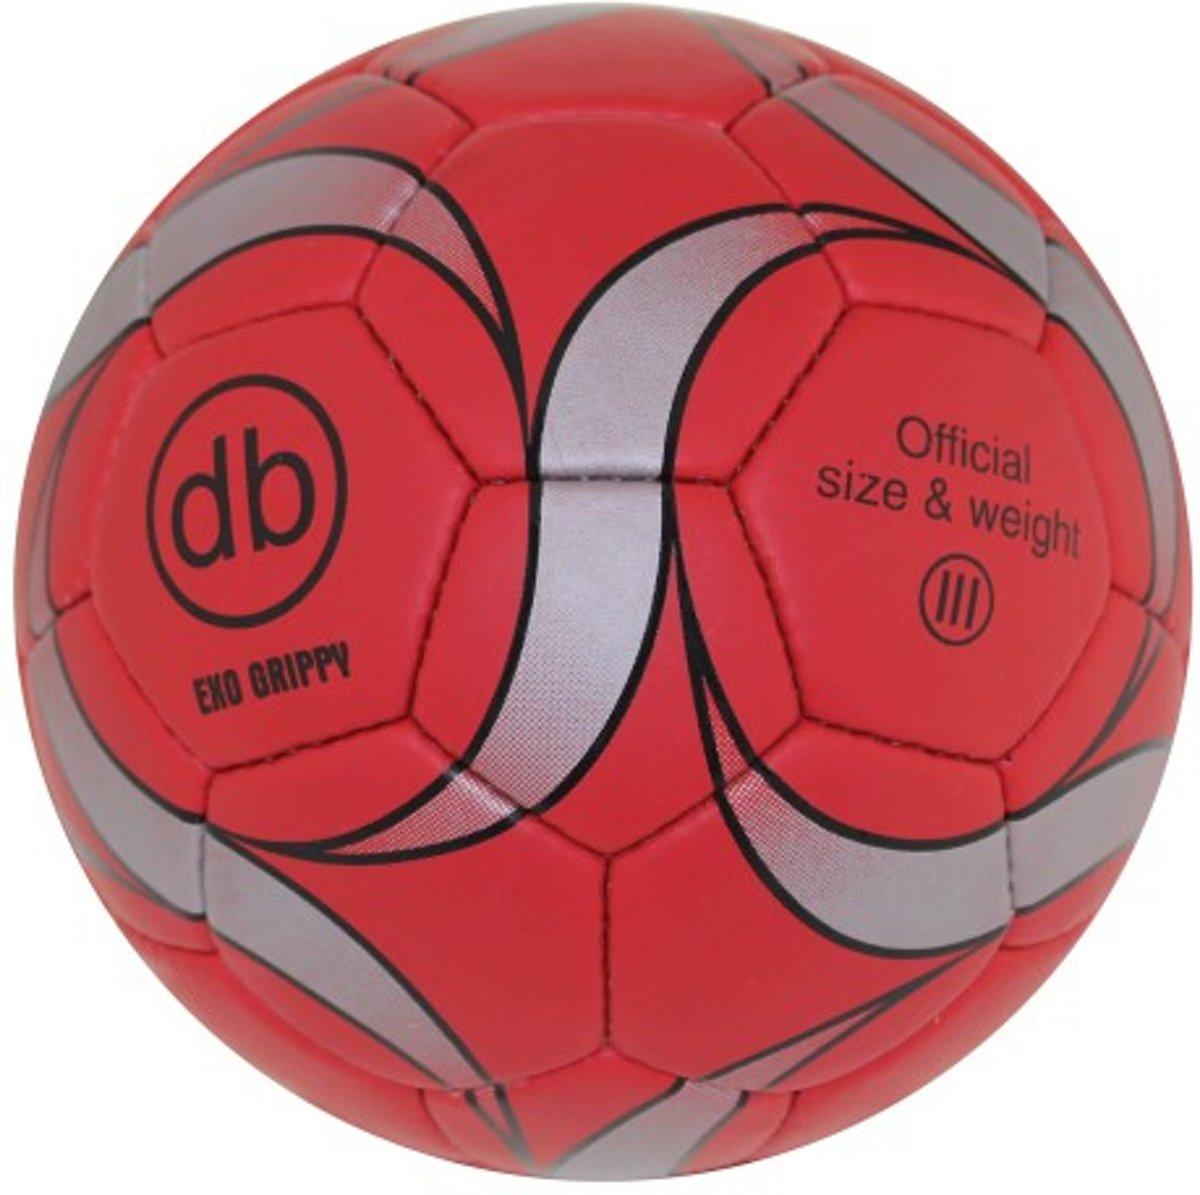 Handbal Maat 3 db kopen